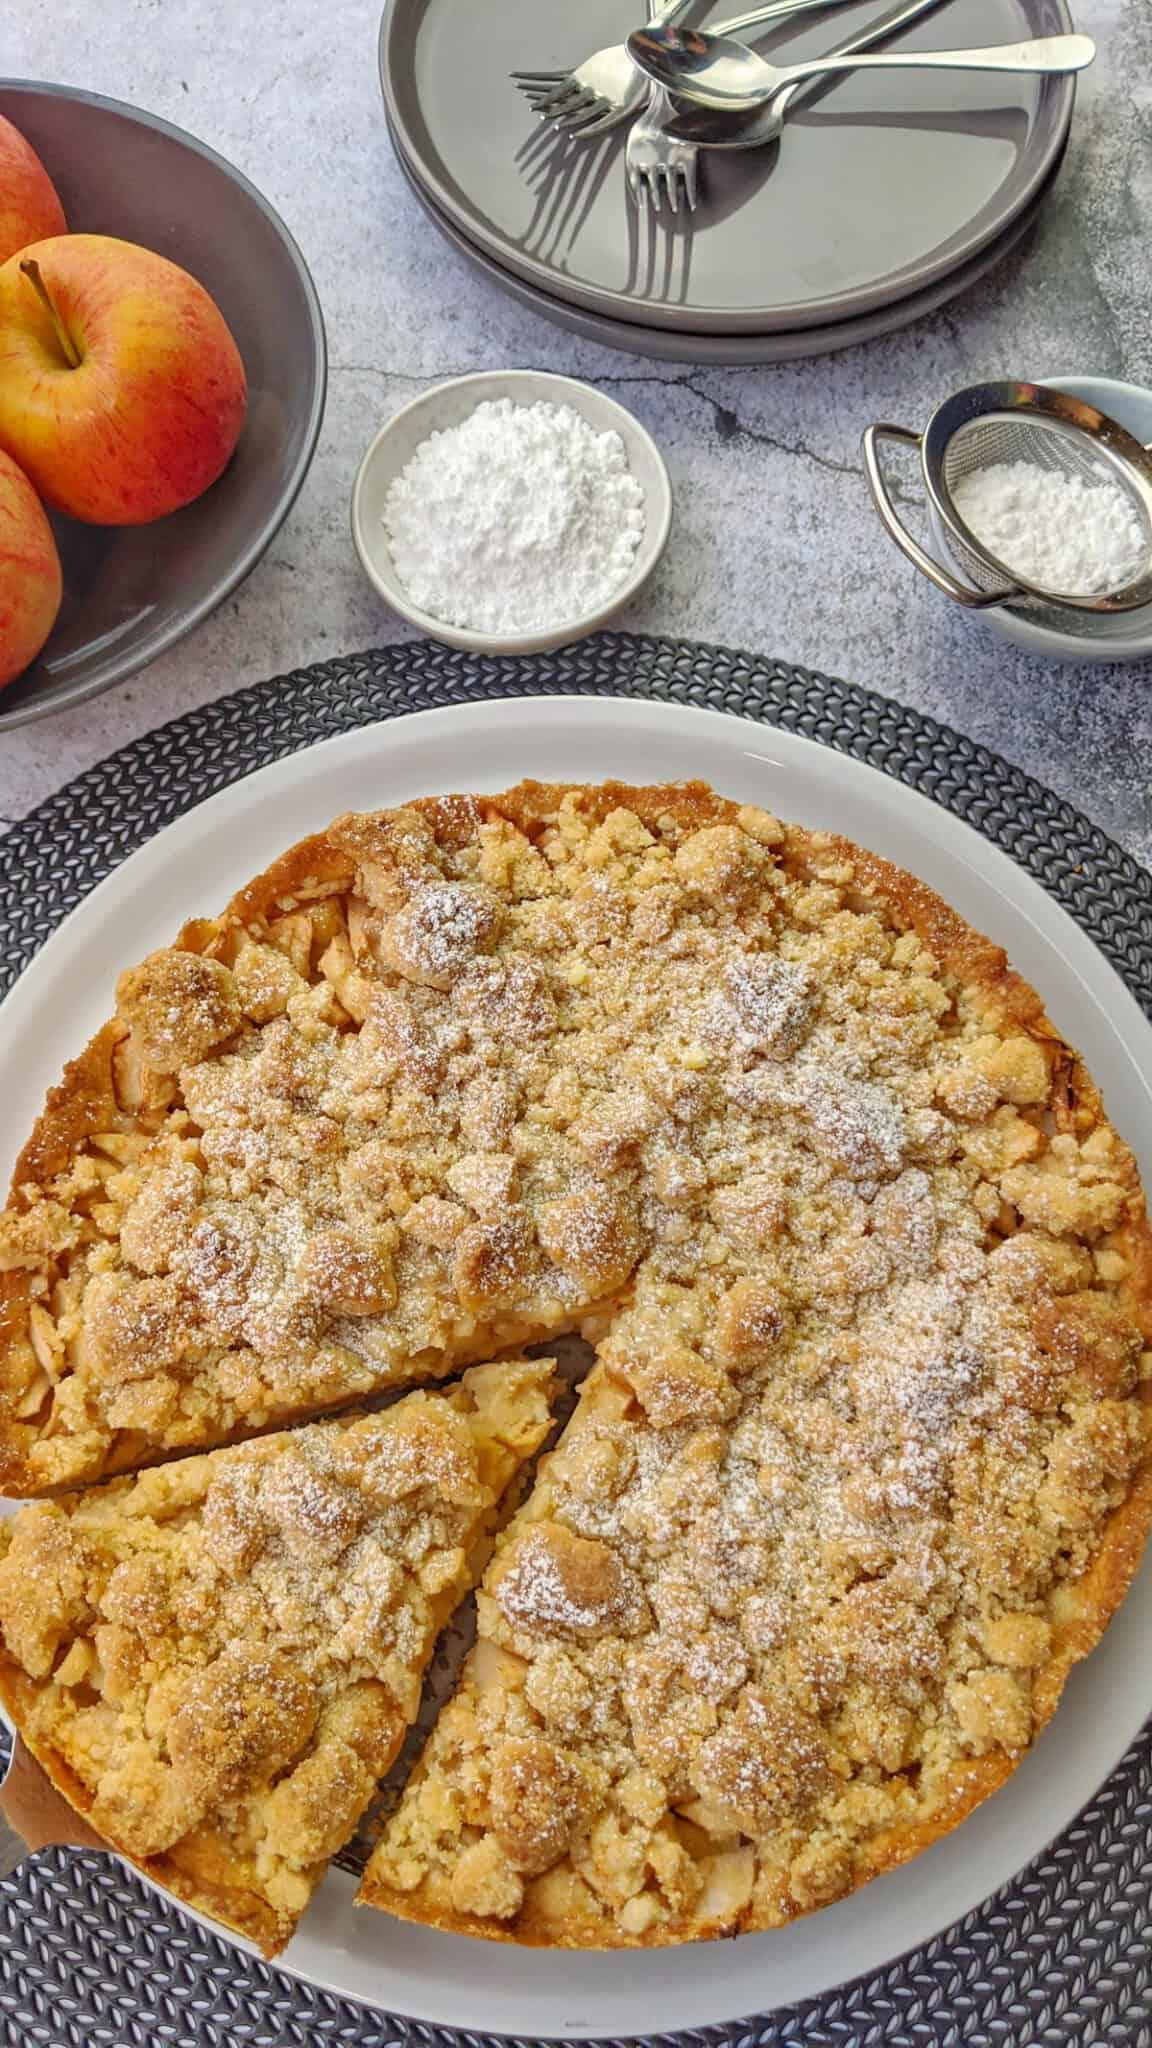 Ein Apfelkuchen mit Streusel auf einem Küchengitter. Darüber eine Schale mit Äpfeln, Teller und Puderzucker als Deko.